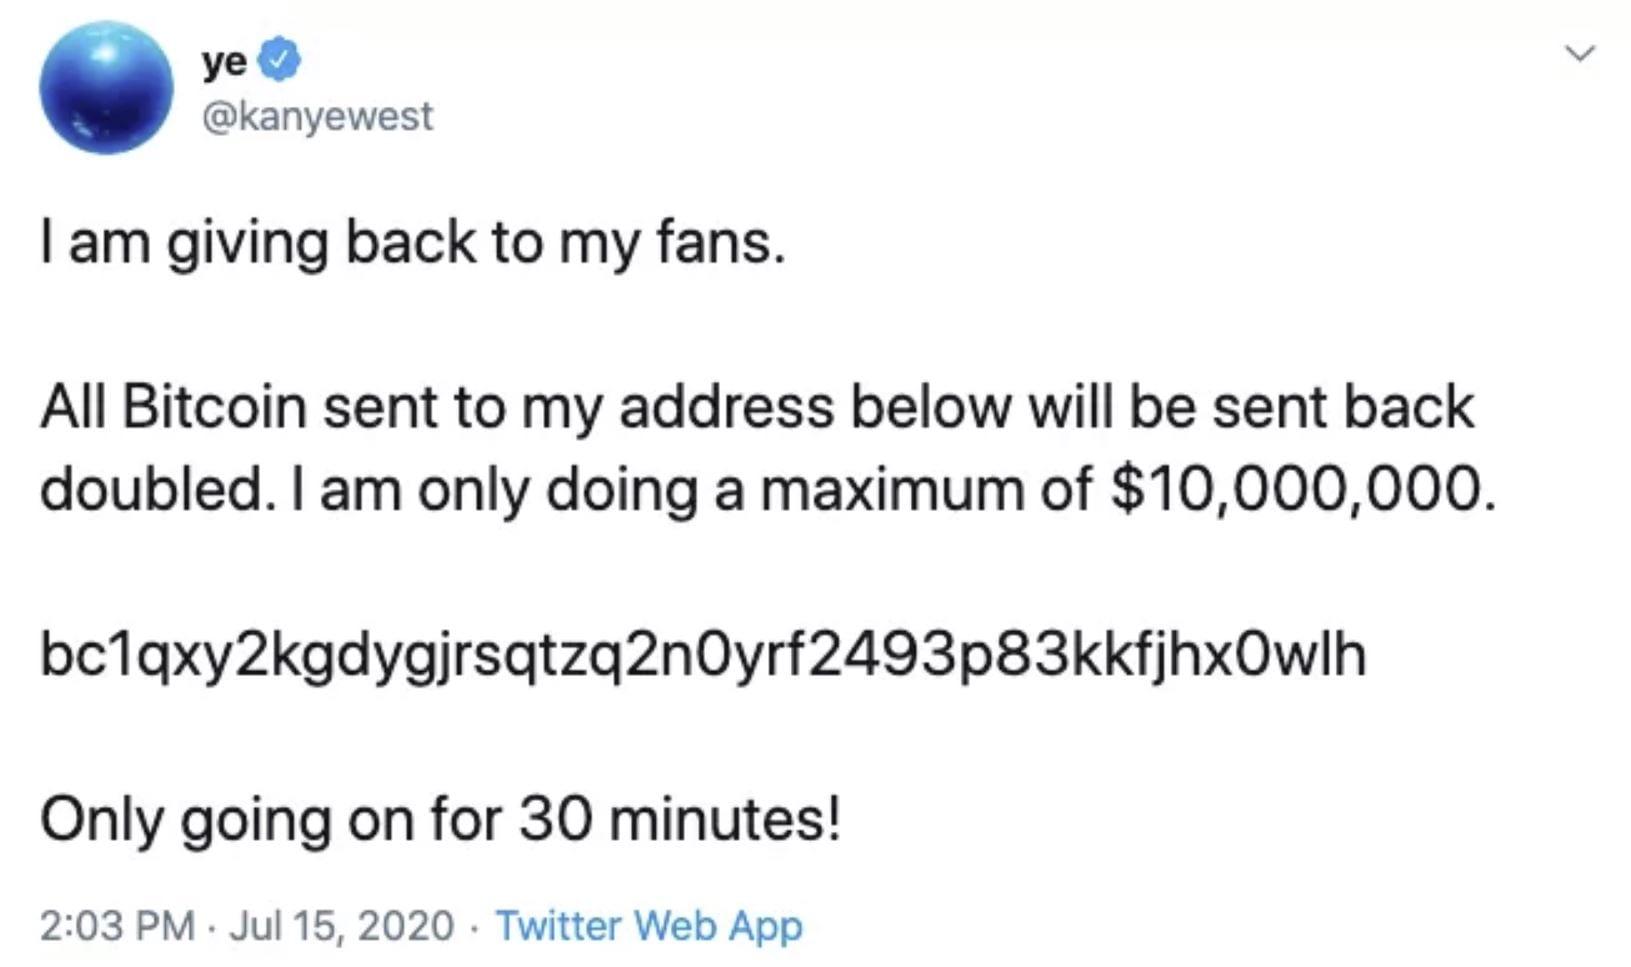 Twitter: hackerati account di Elon Musk, Bill Gates, Jeff Bezos e altri per truffa Bitcoin